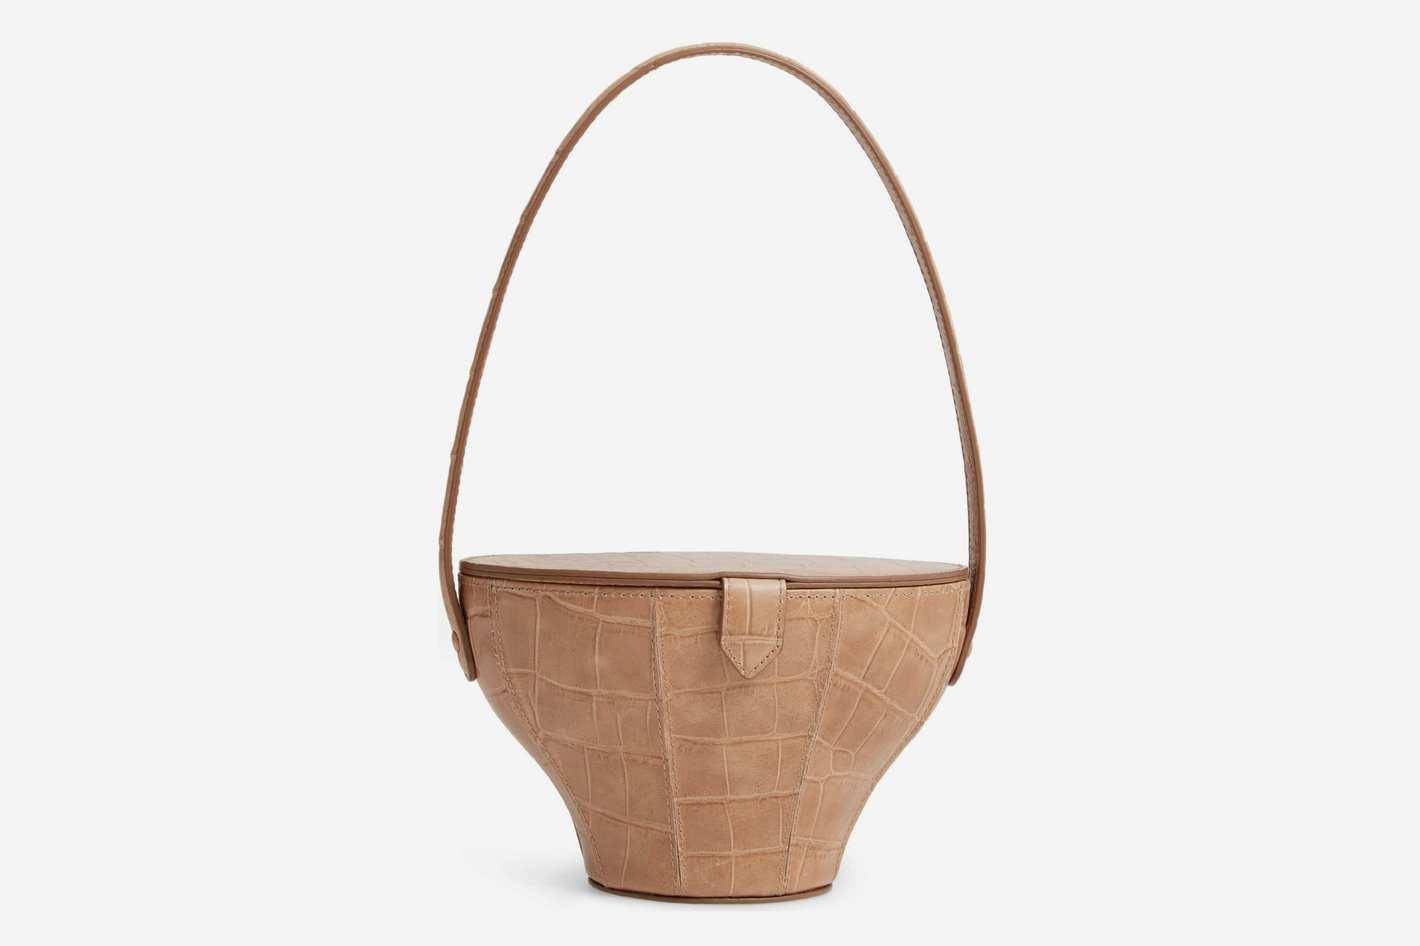 Staud Alice Croc Embossed Leather Bag